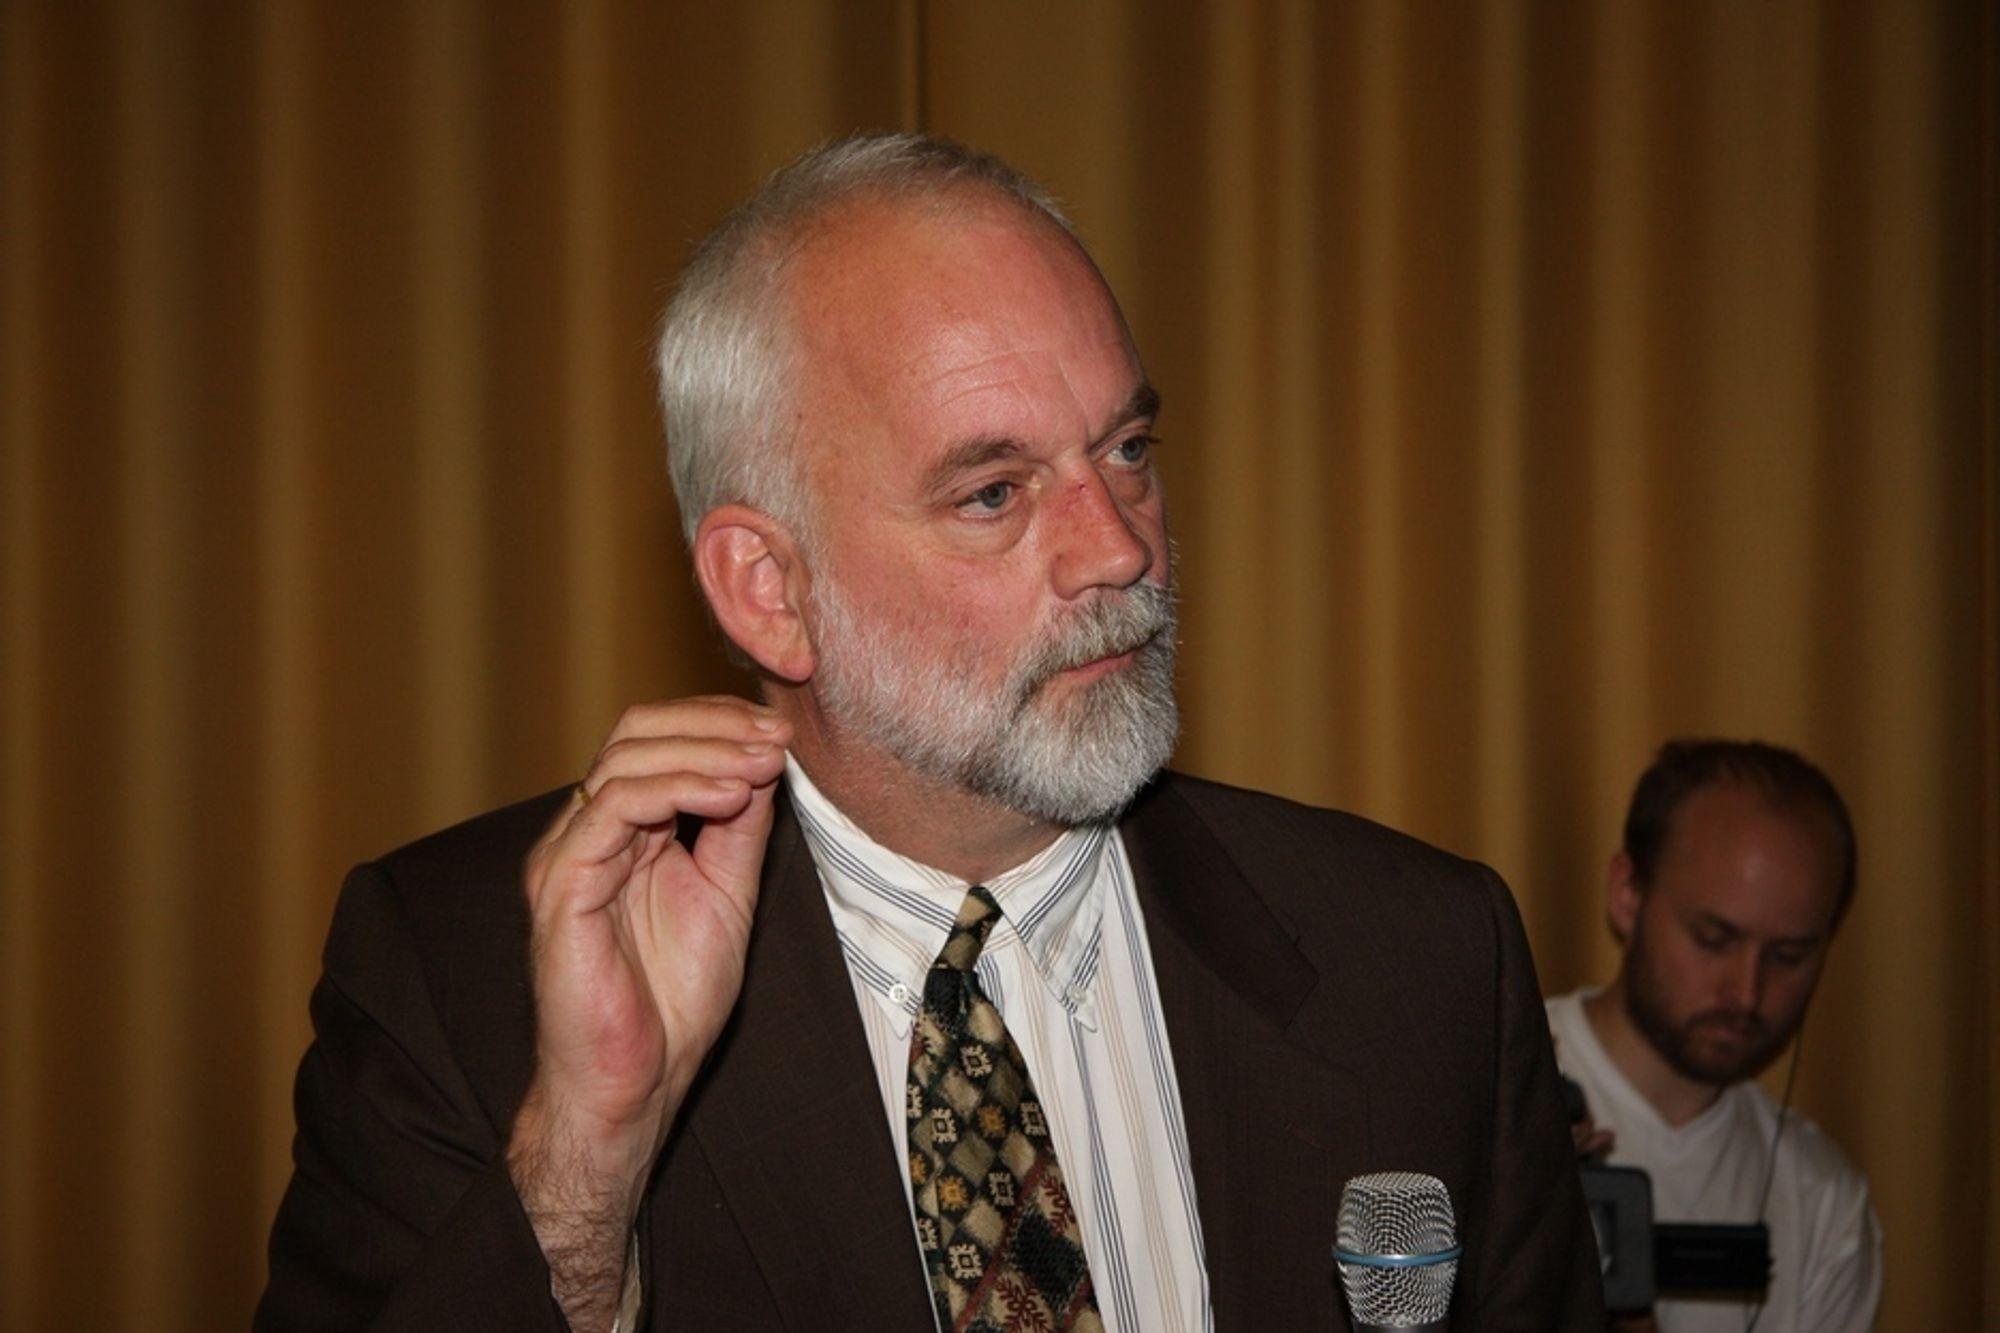 VEIPRISING: Professor Henk Meurs ved Radboud University Nijmegen i Nederland holdt fordrag om hvordan nederlandske myndigheter tenker om veiprising.